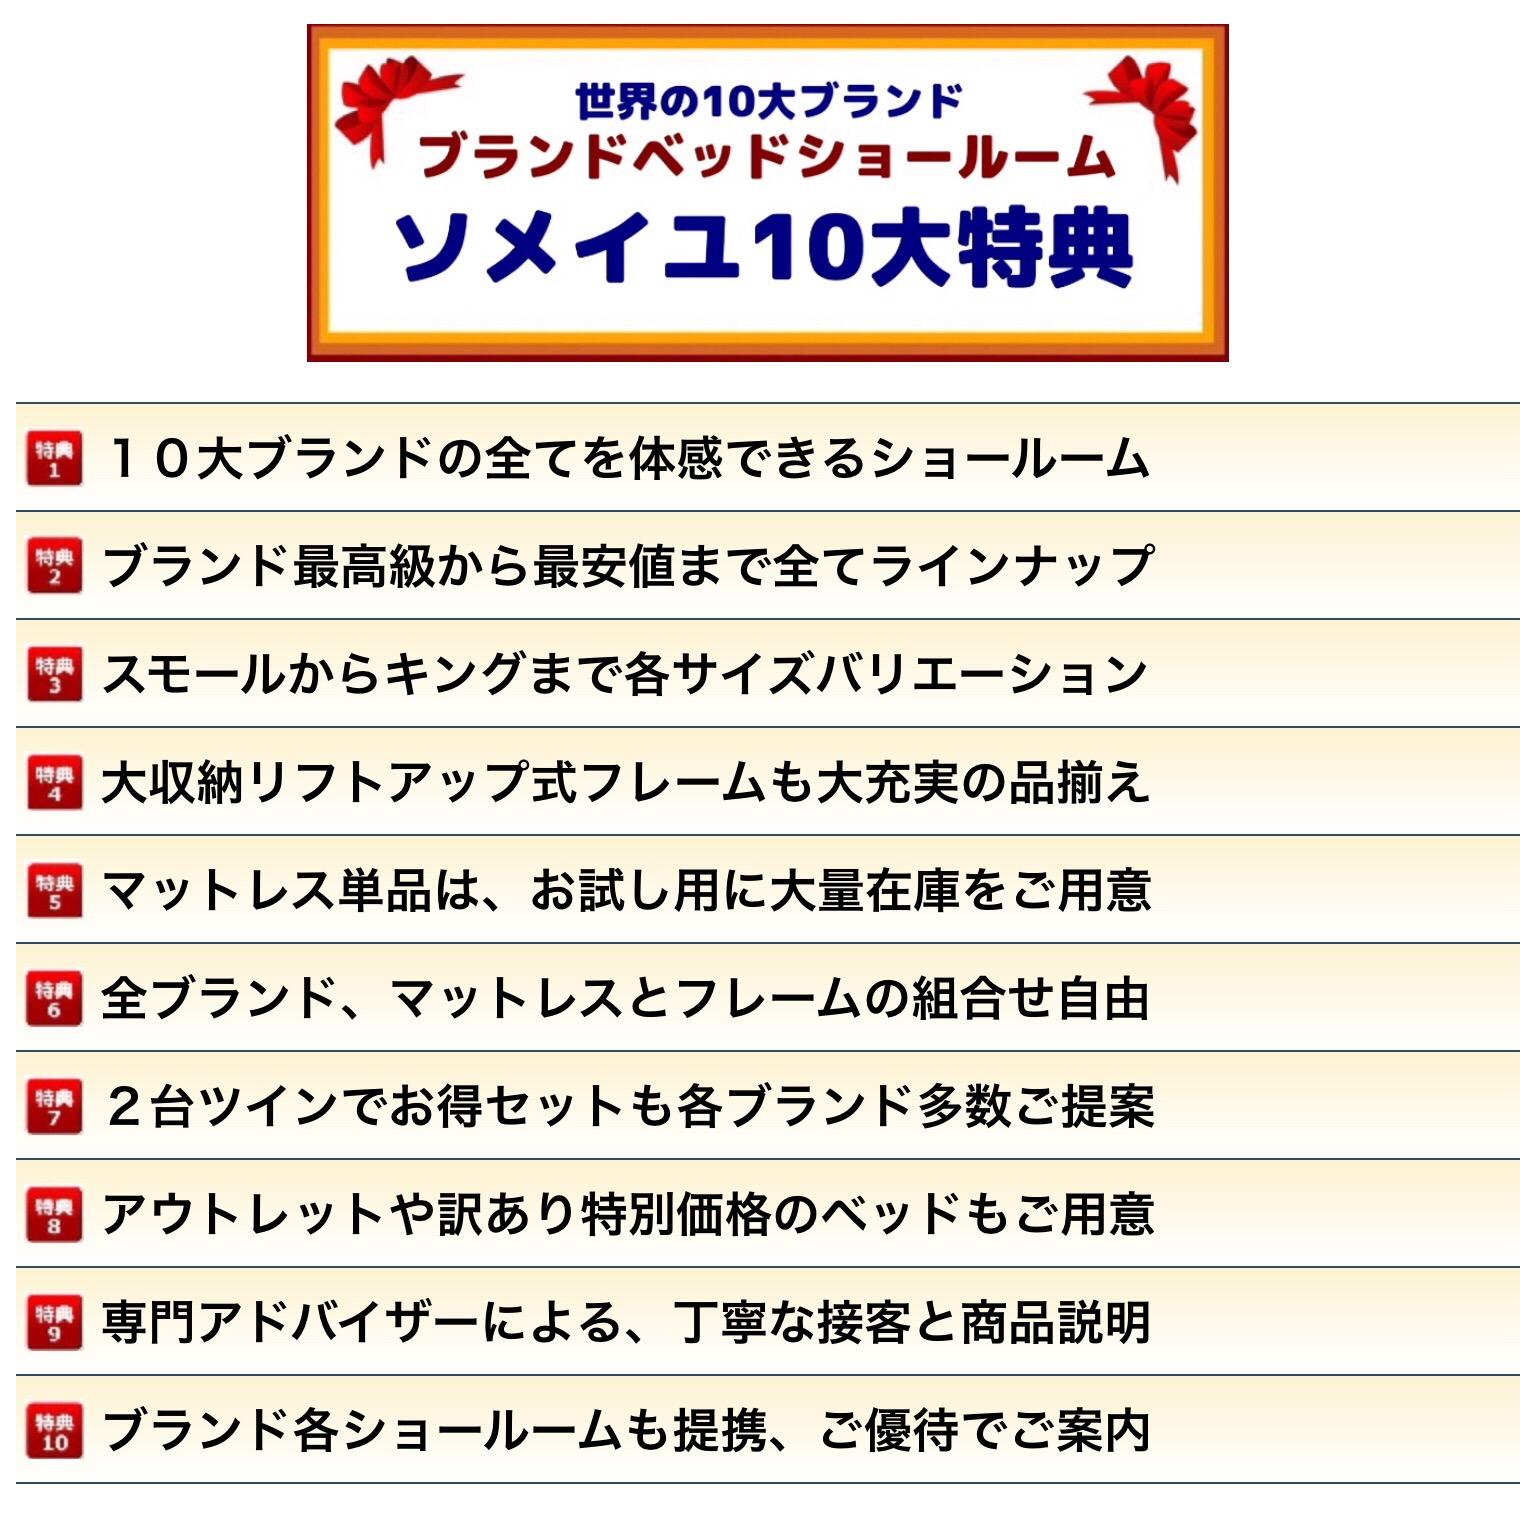 ソメイユ東京10大メリット